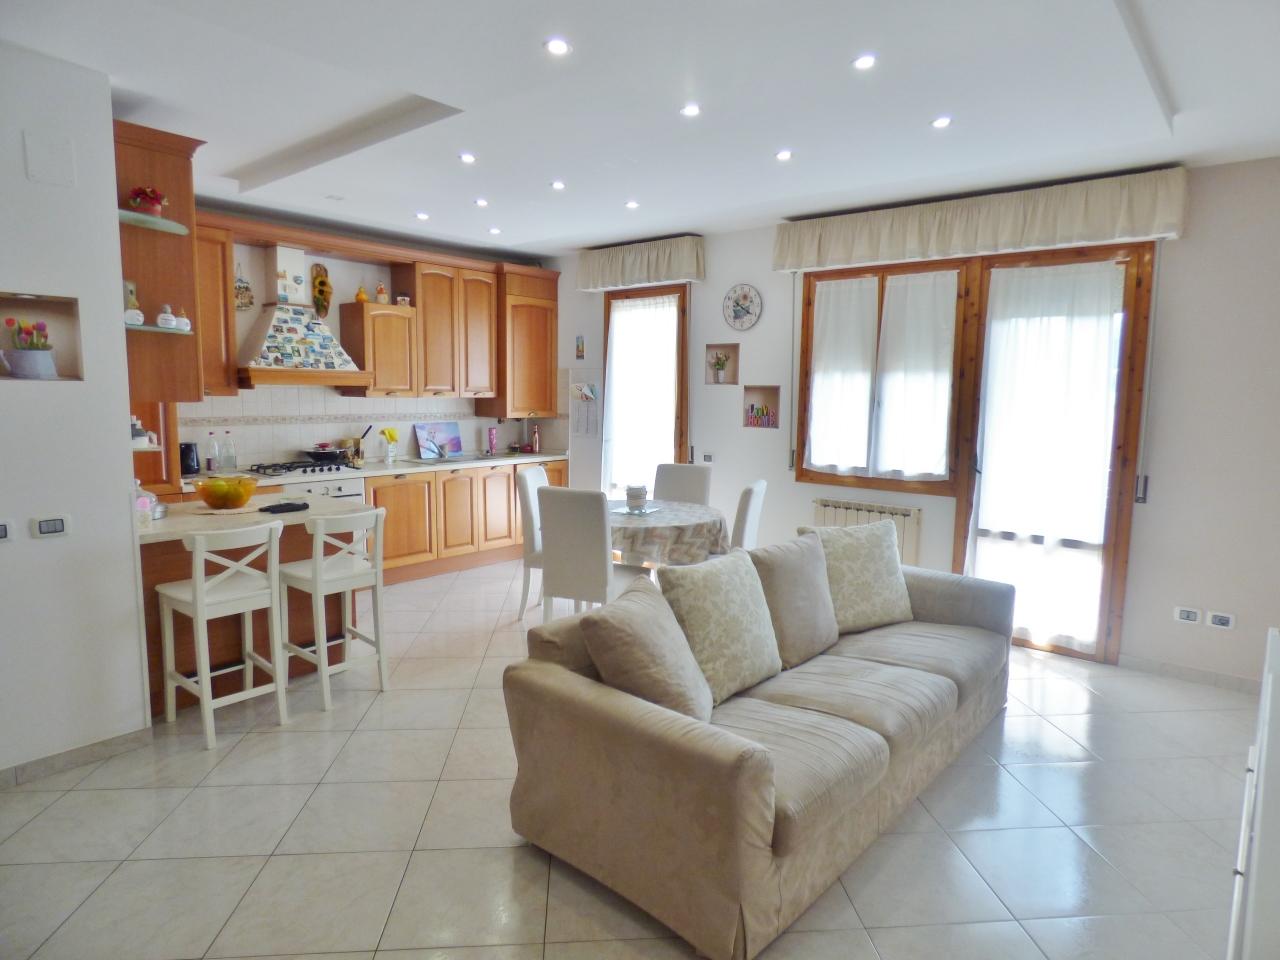 Appartamento in vendita a Scarperia e San Piero, 4 locali, prezzo € 173.000 | PortaleAgenzieImmobiliari.it